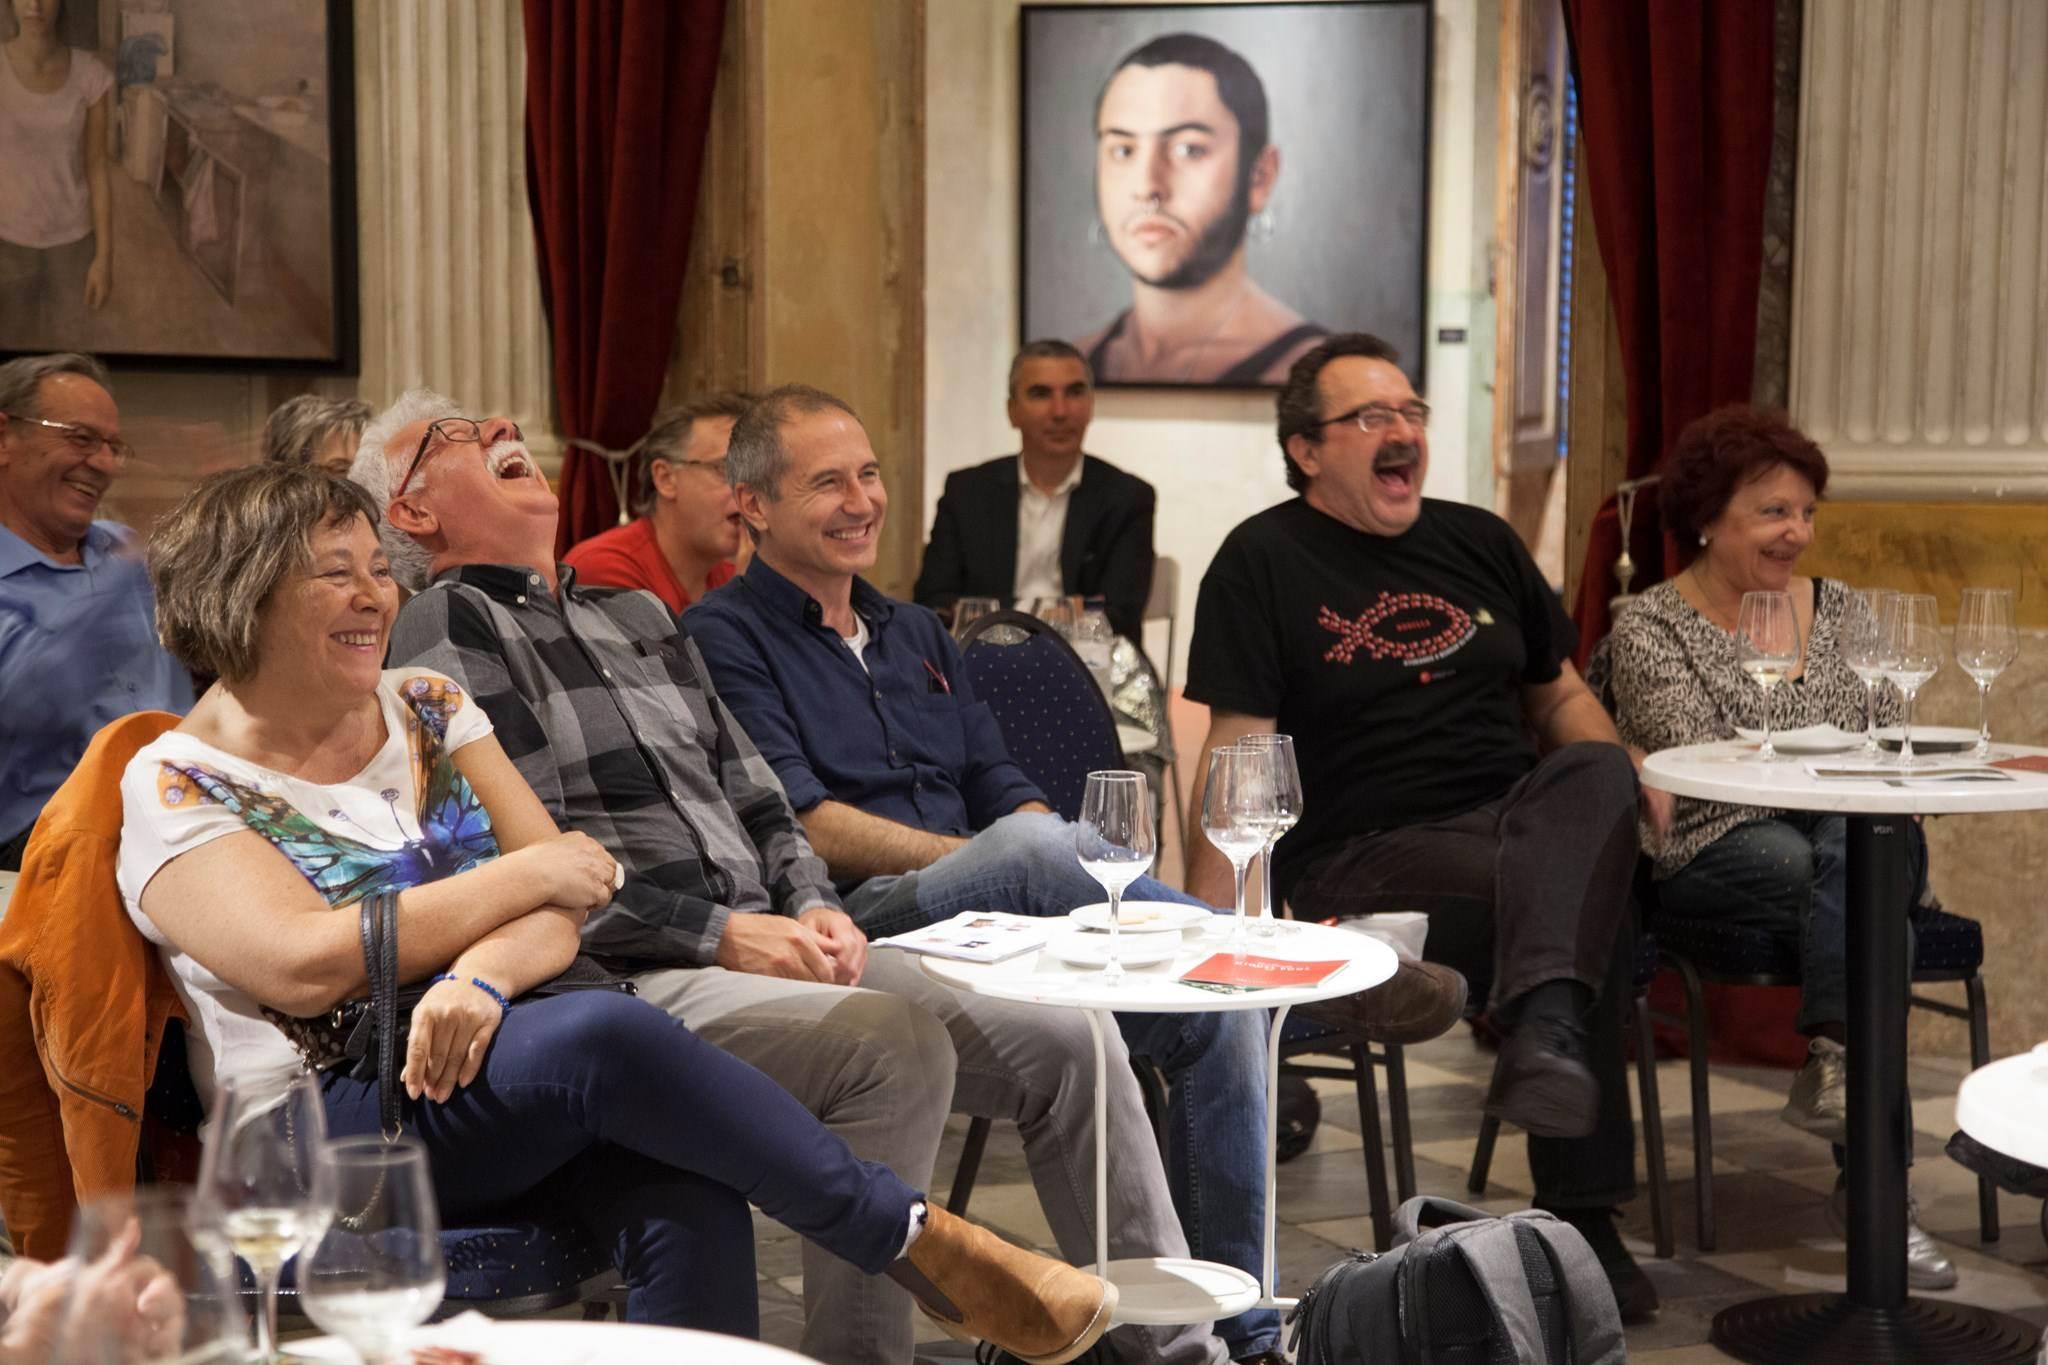 #VisàVis: Oscar Nebreda i el celler Miquel Pons